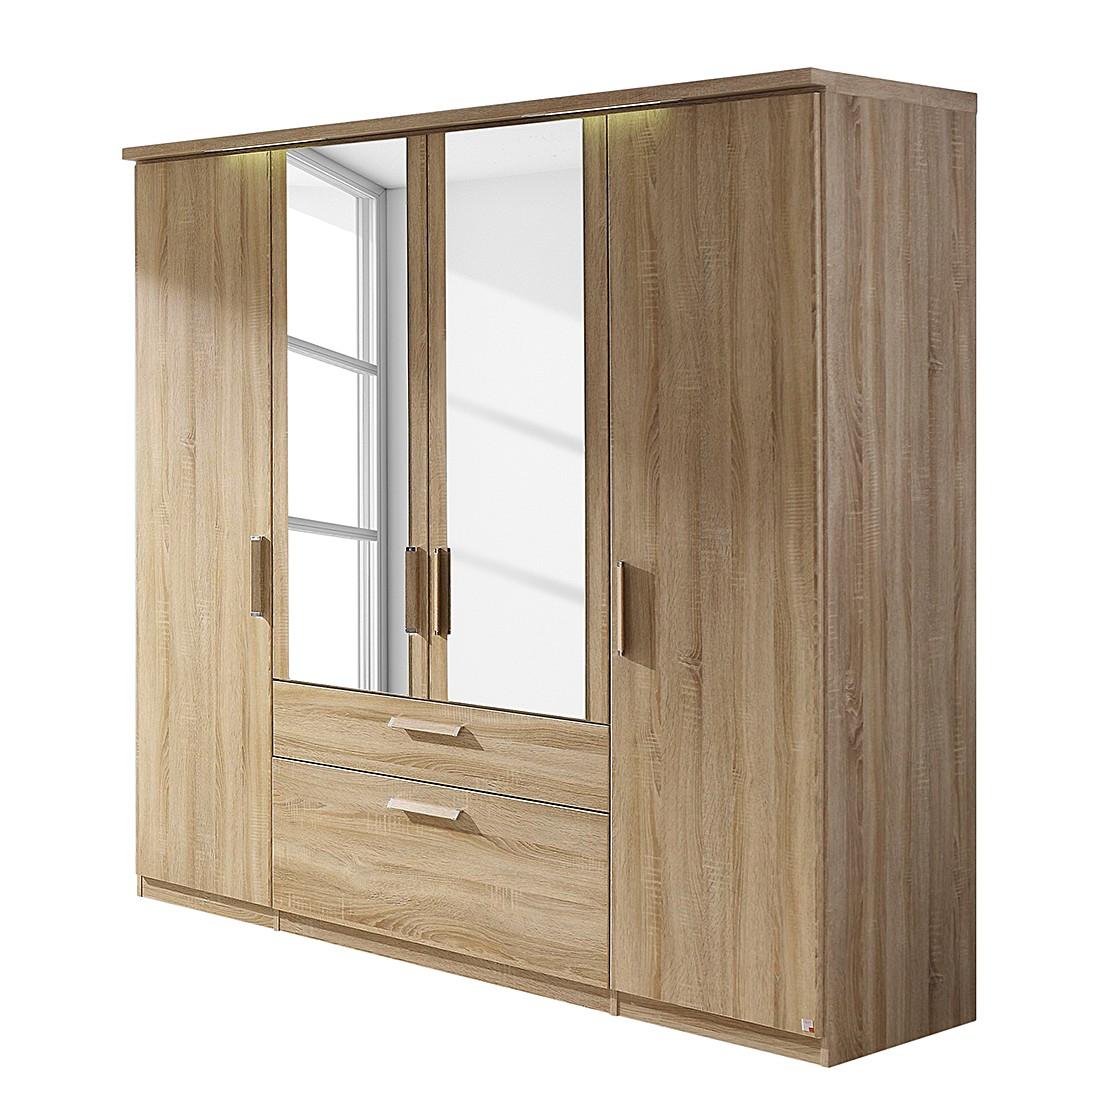 goedkoop energie A+ Draaideurkast Evelyn II Sonoma eikenhouten look Met verlichting 151cm 3 deurs 223cm Met kroonlijst Rauch Dialog